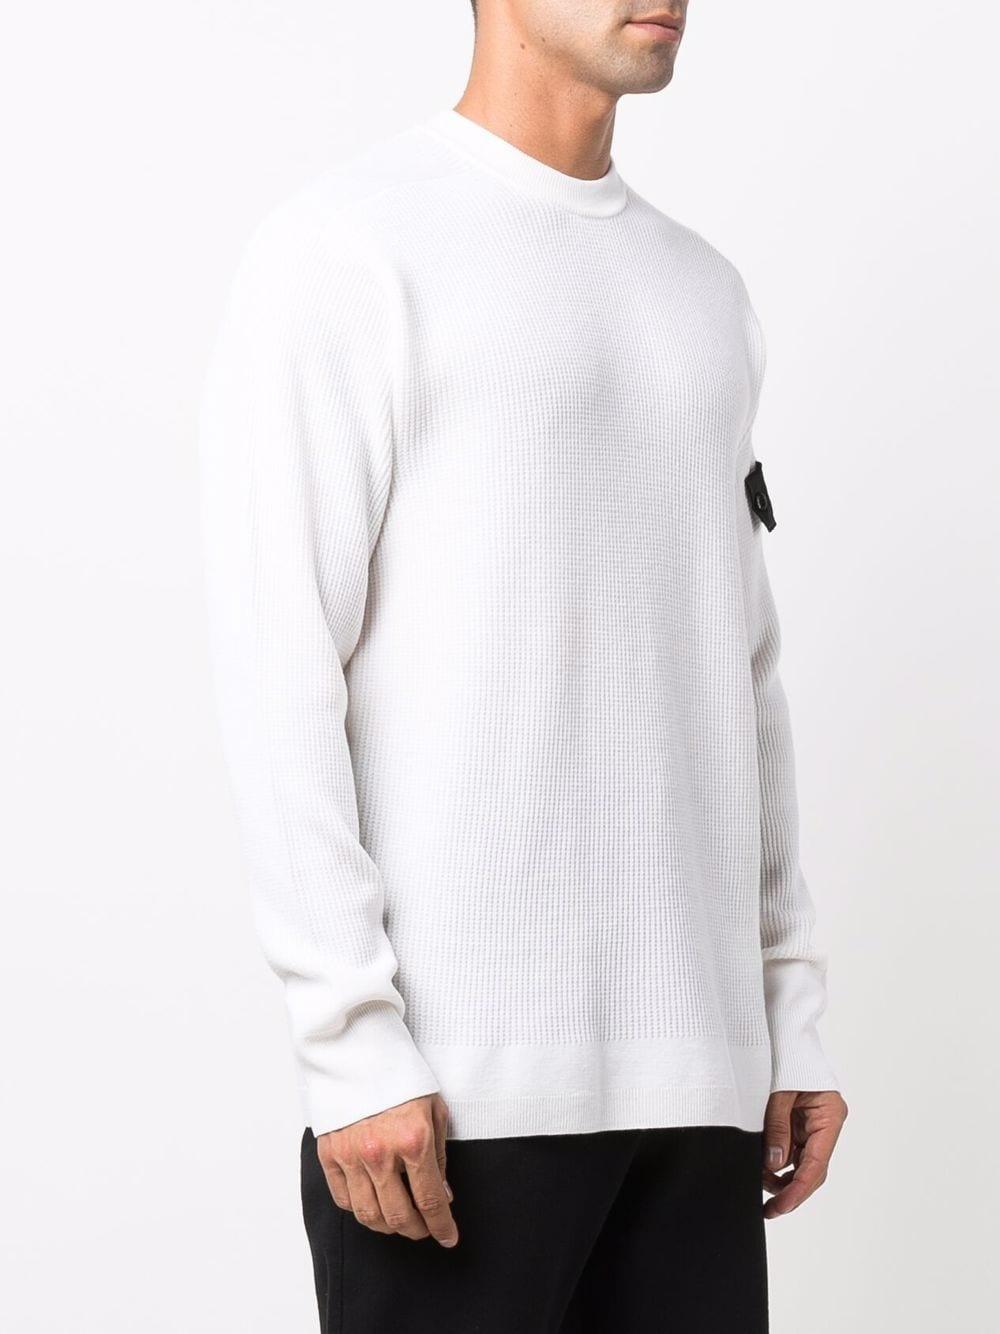 maglione con applicazione uomo bianco in lana STONE ISLAND SHADOW PROJECT | Maglieria | 7519505A1V1001